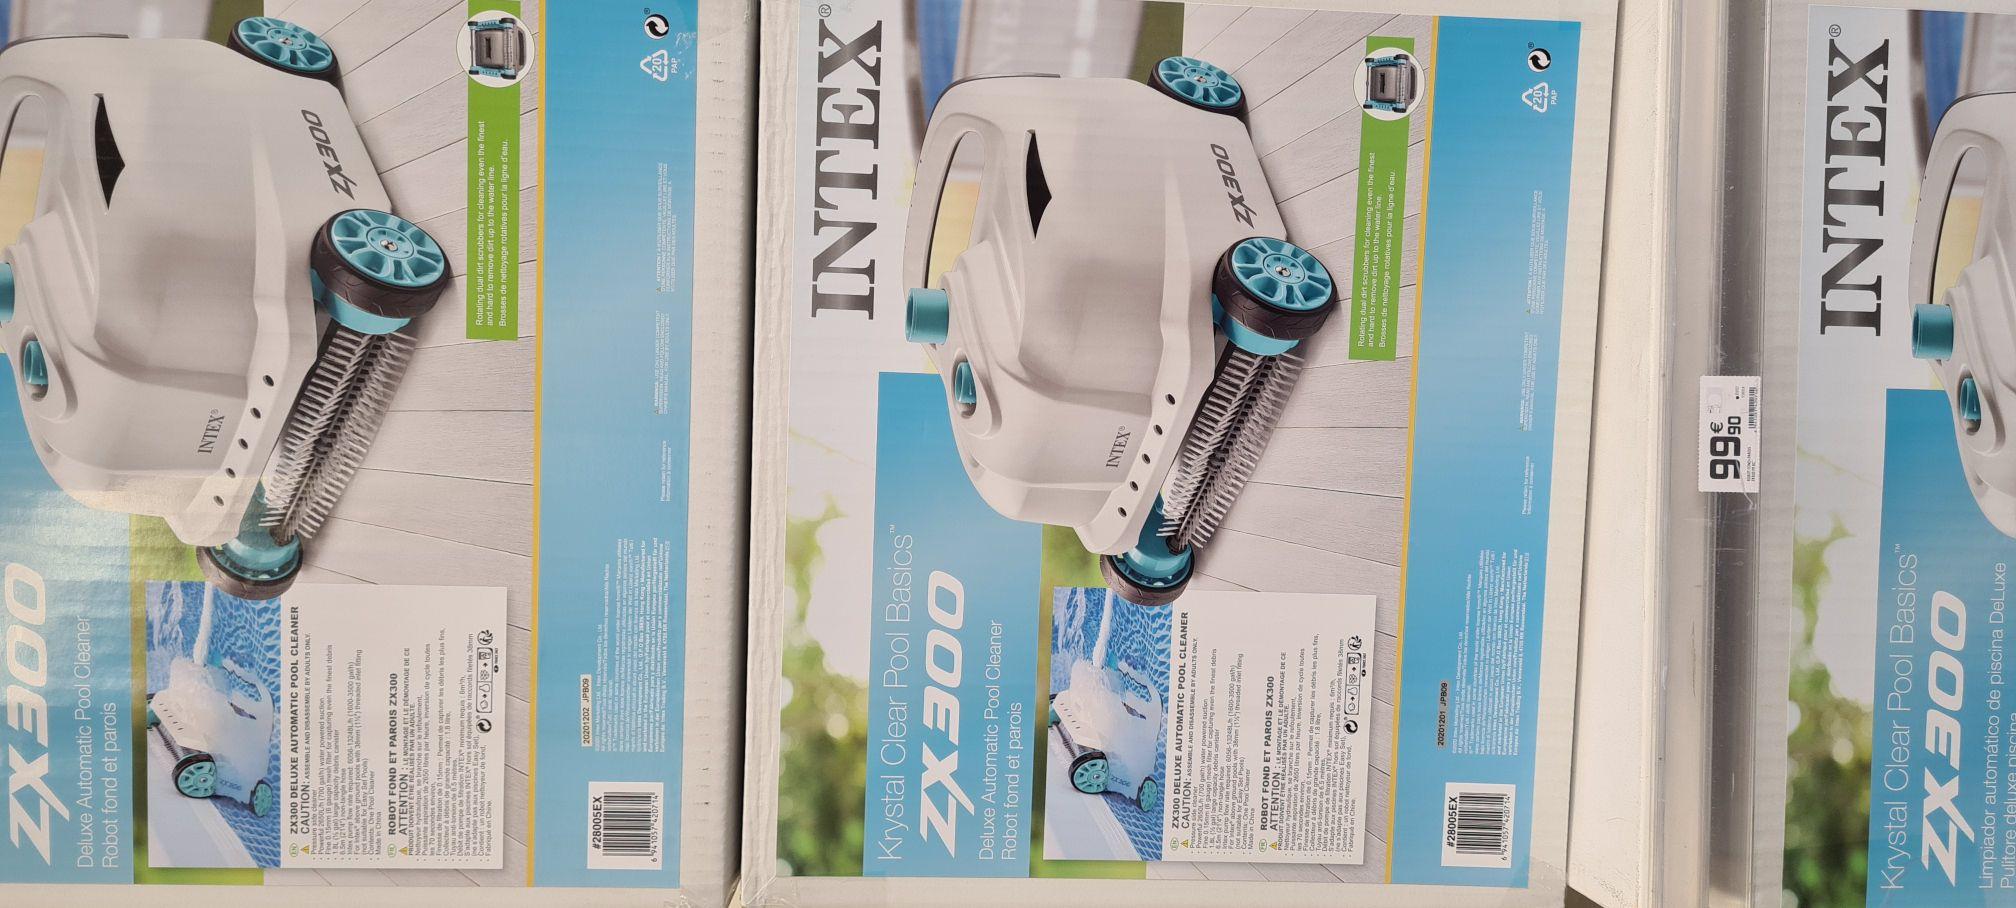 Robot aspirateur Piscine Intex ZX300 hydraulique pour fond et paroi (dans une sélection de magasins)